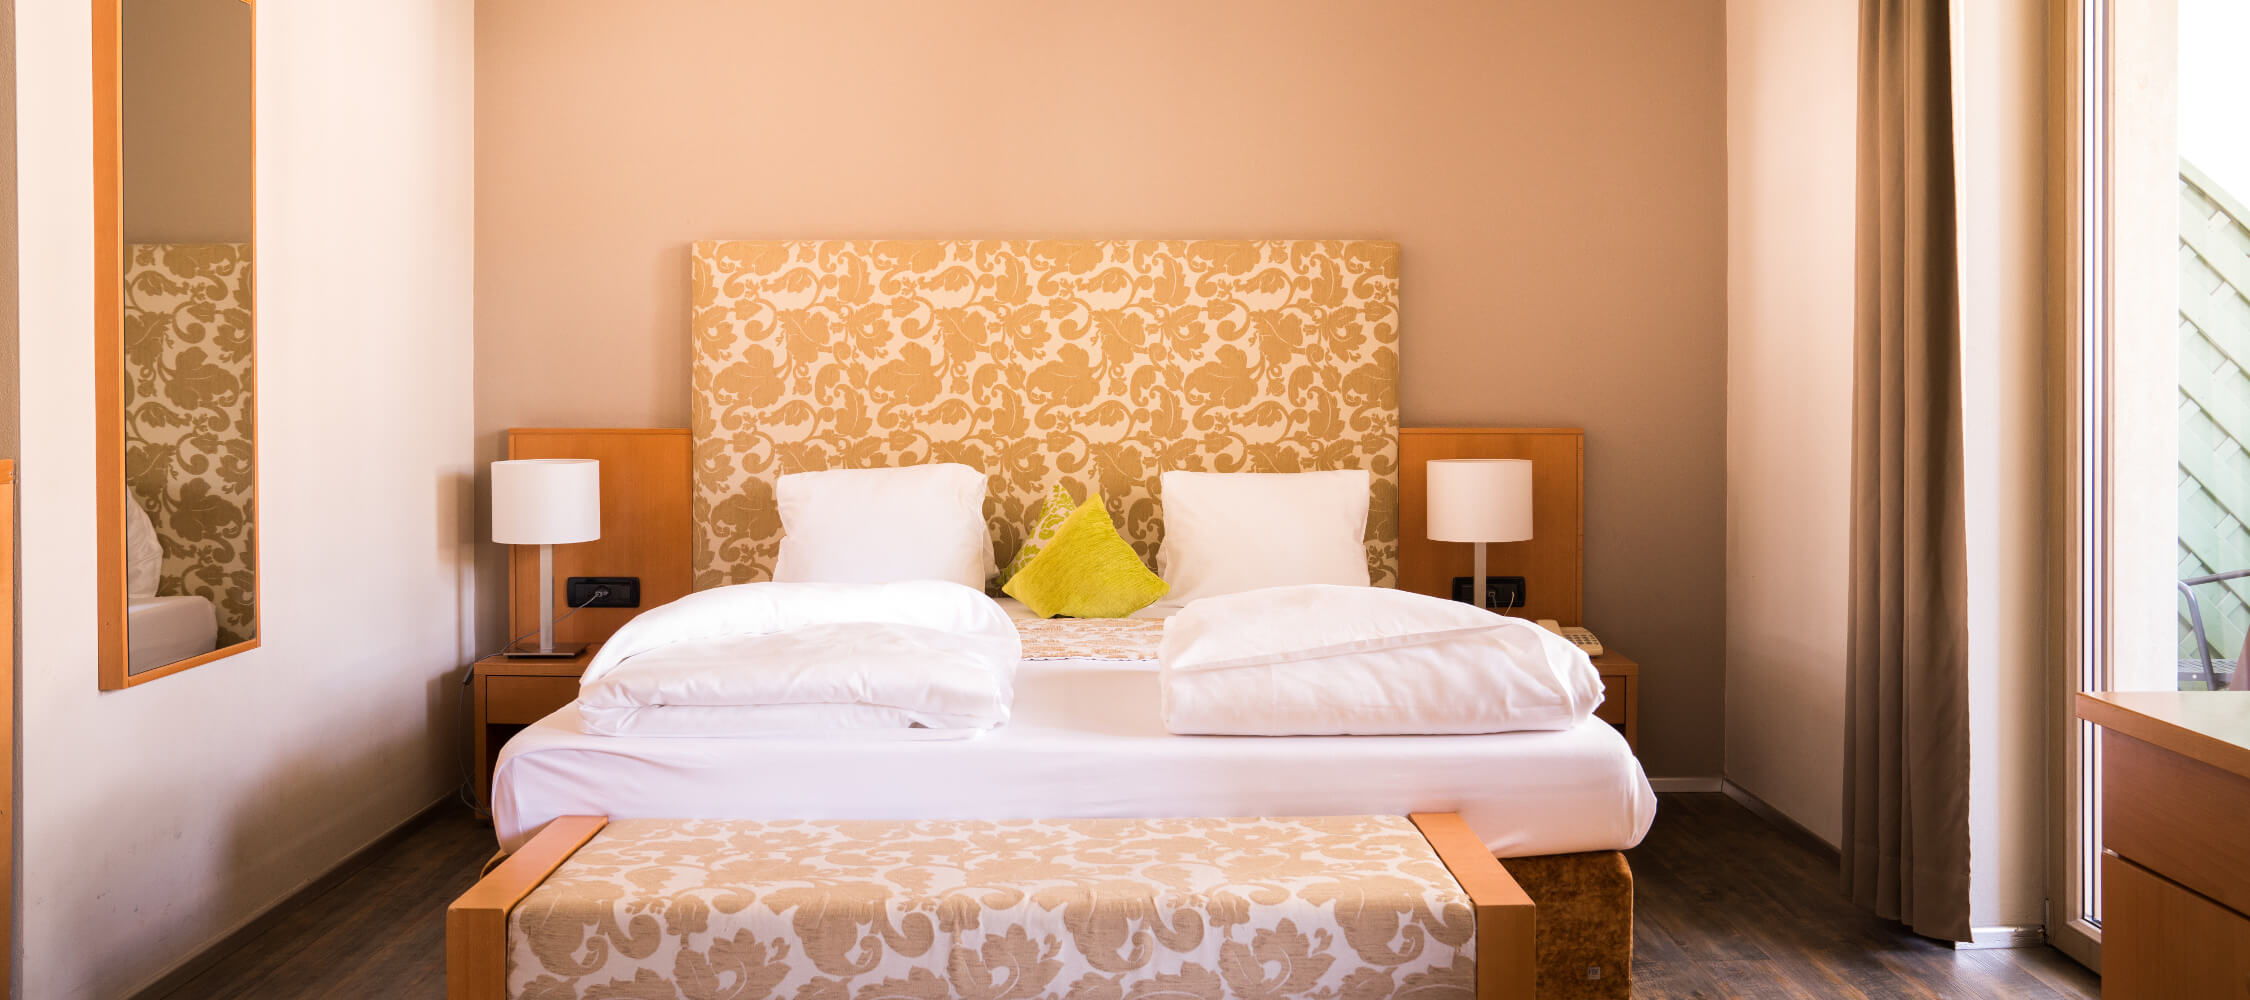 Hotel_Flora_Merano_Rooms_Suite_Amaryllis_Bett_DSC00913_BeatricePilotto_2250x1000